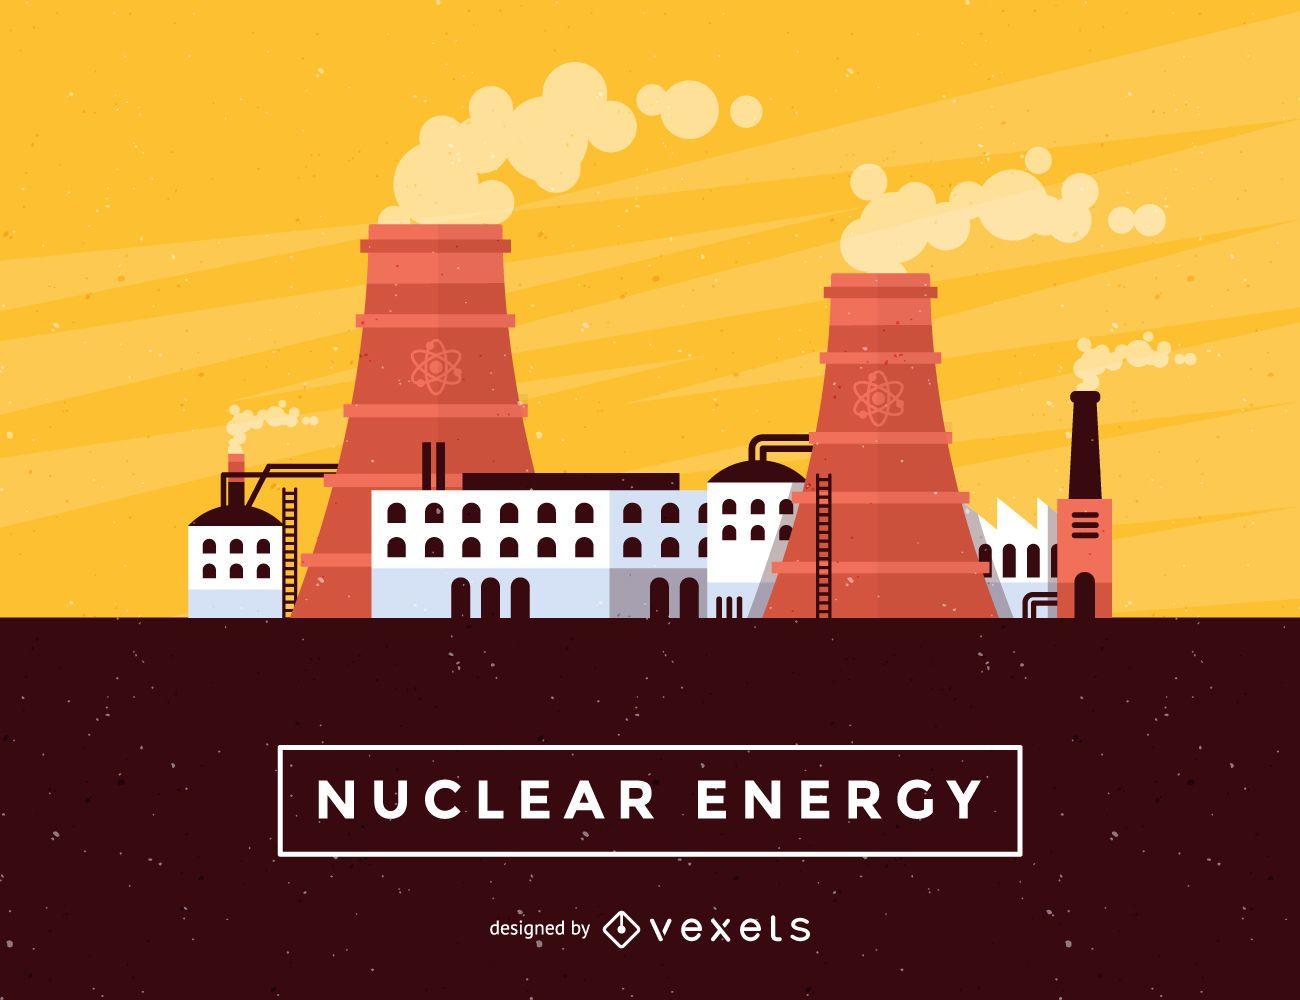 Nuclear energy skyline illustration